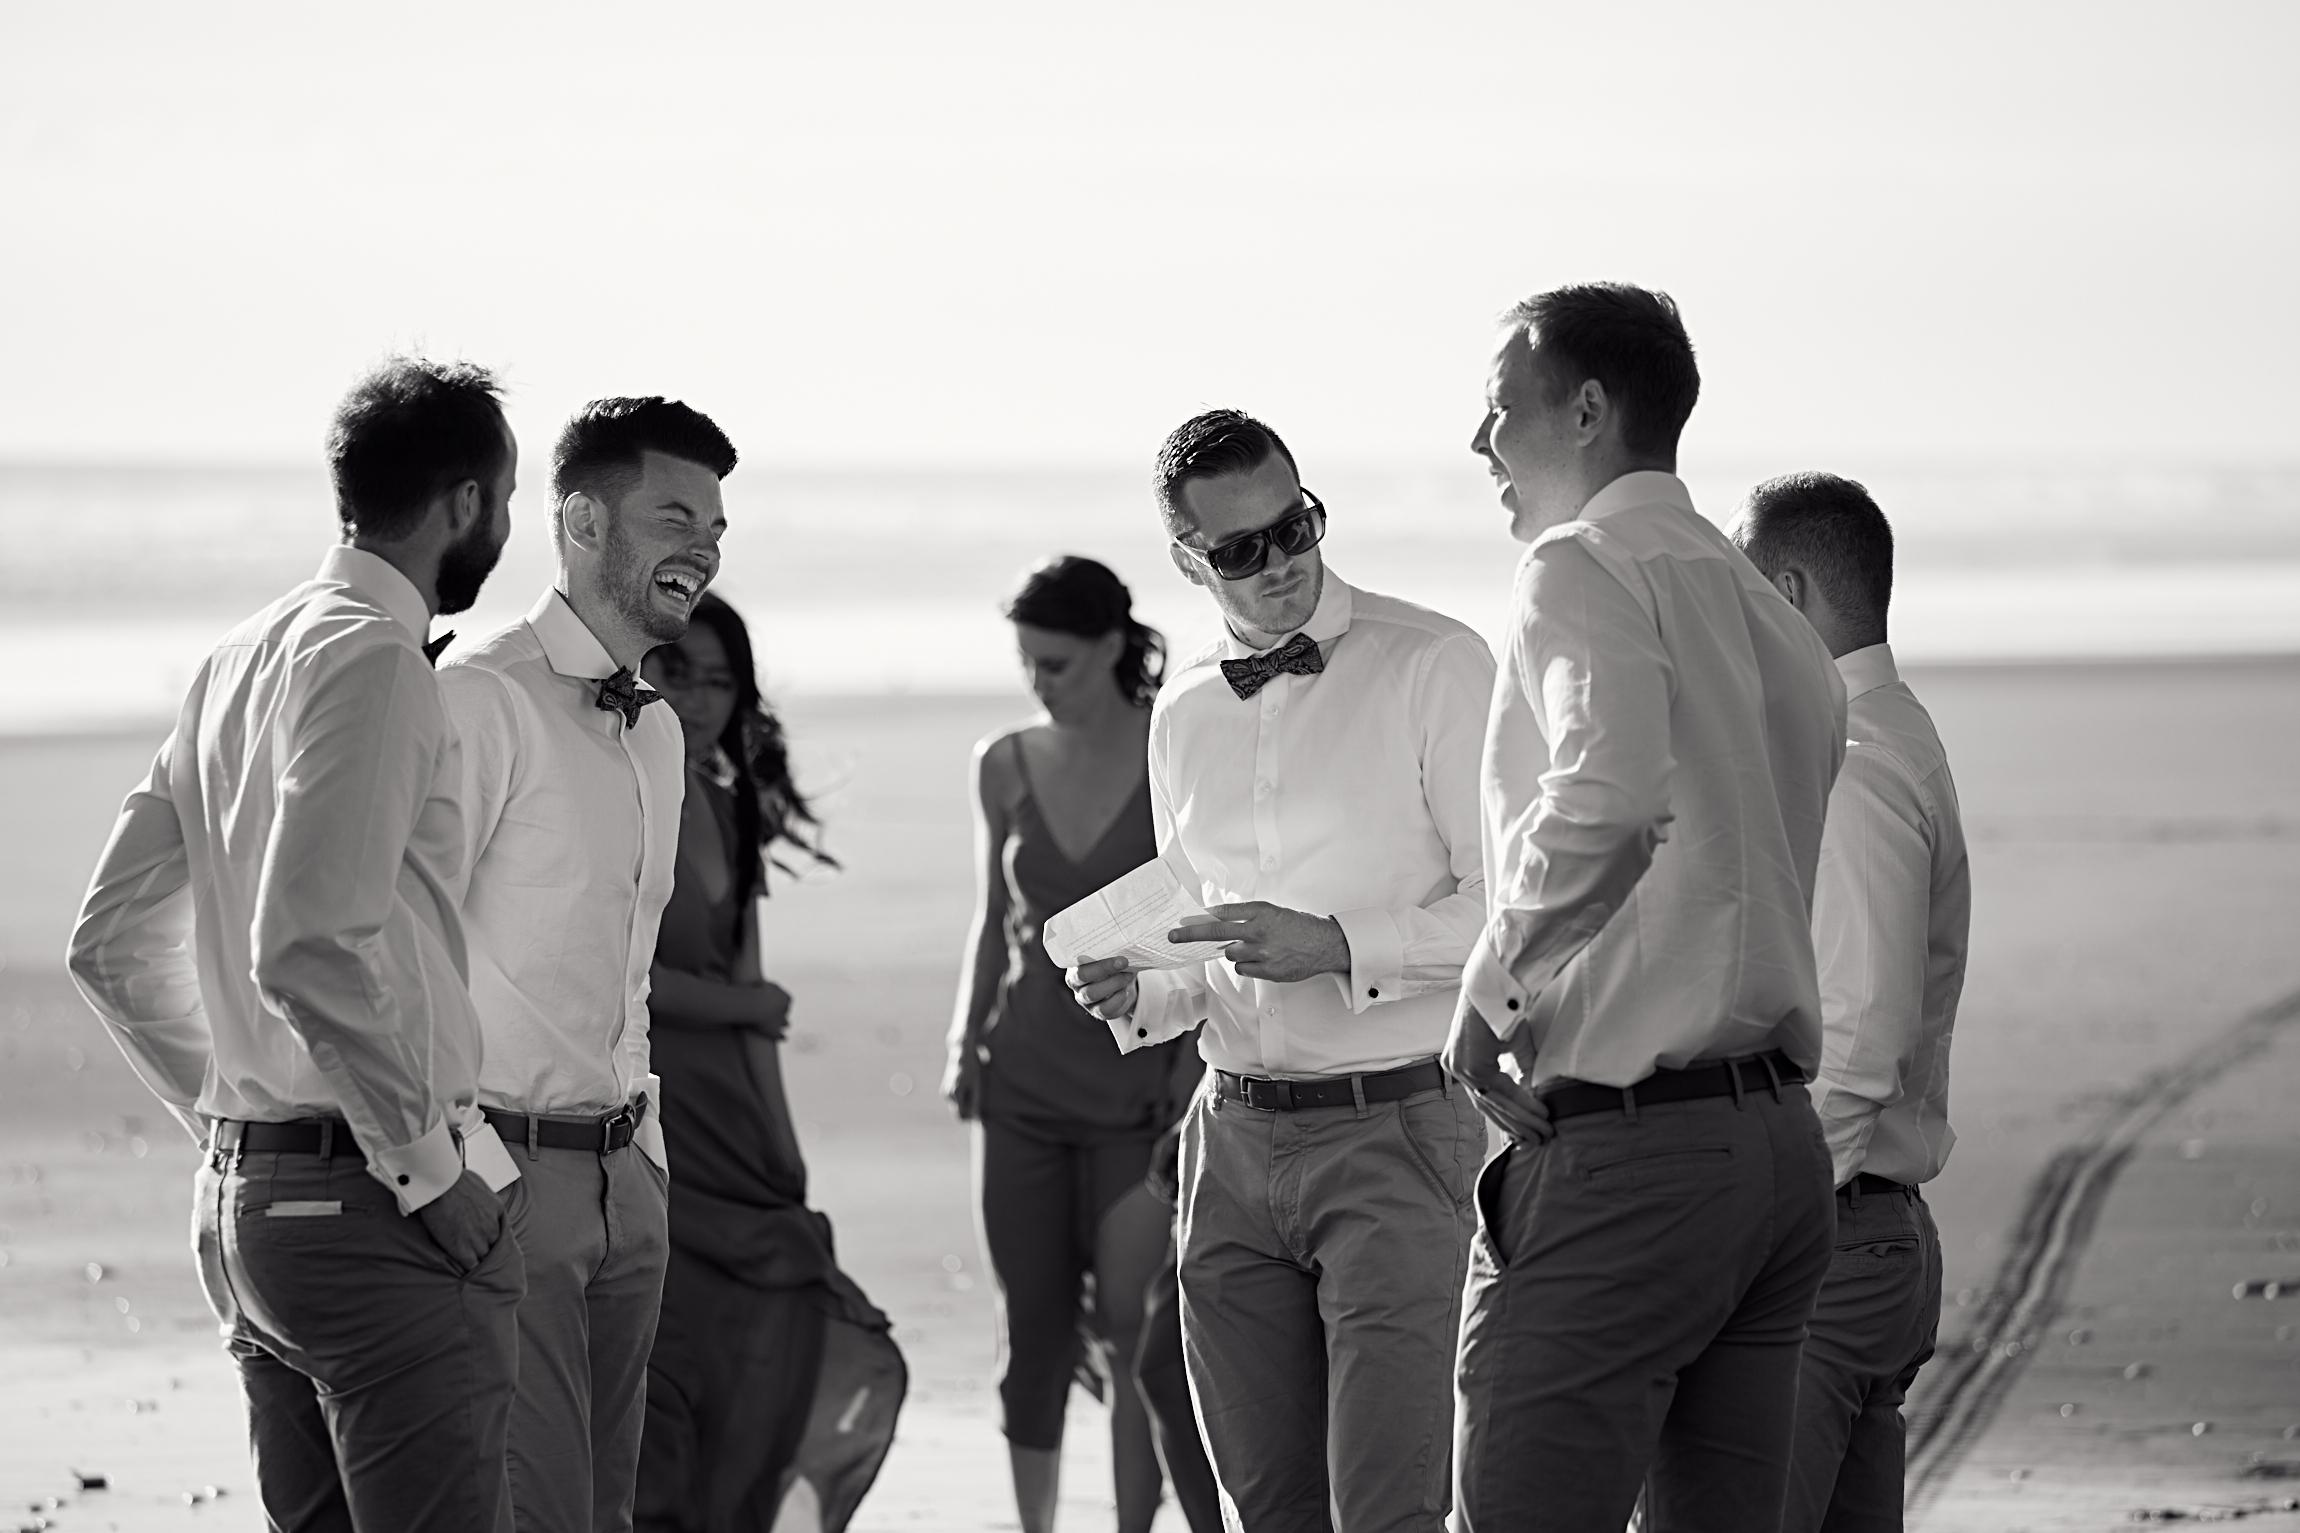 bridal party at beach